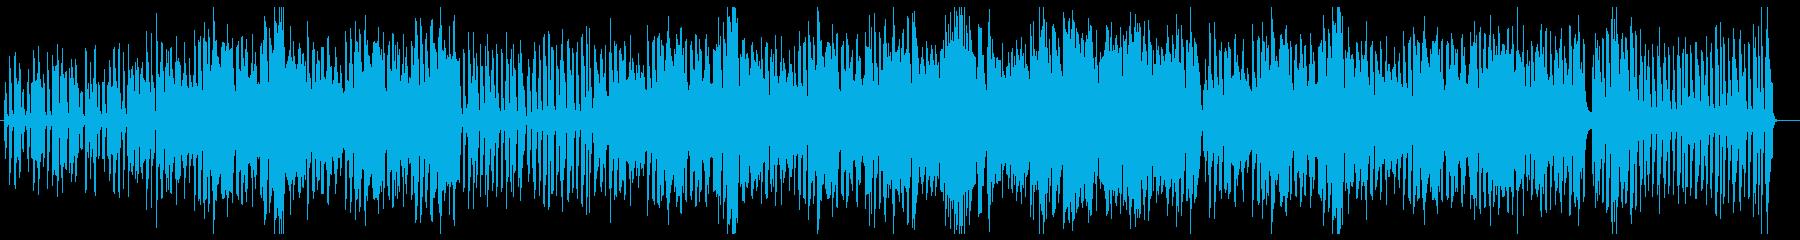 リコーダーが軽快に響くポップスの再生済みの波形